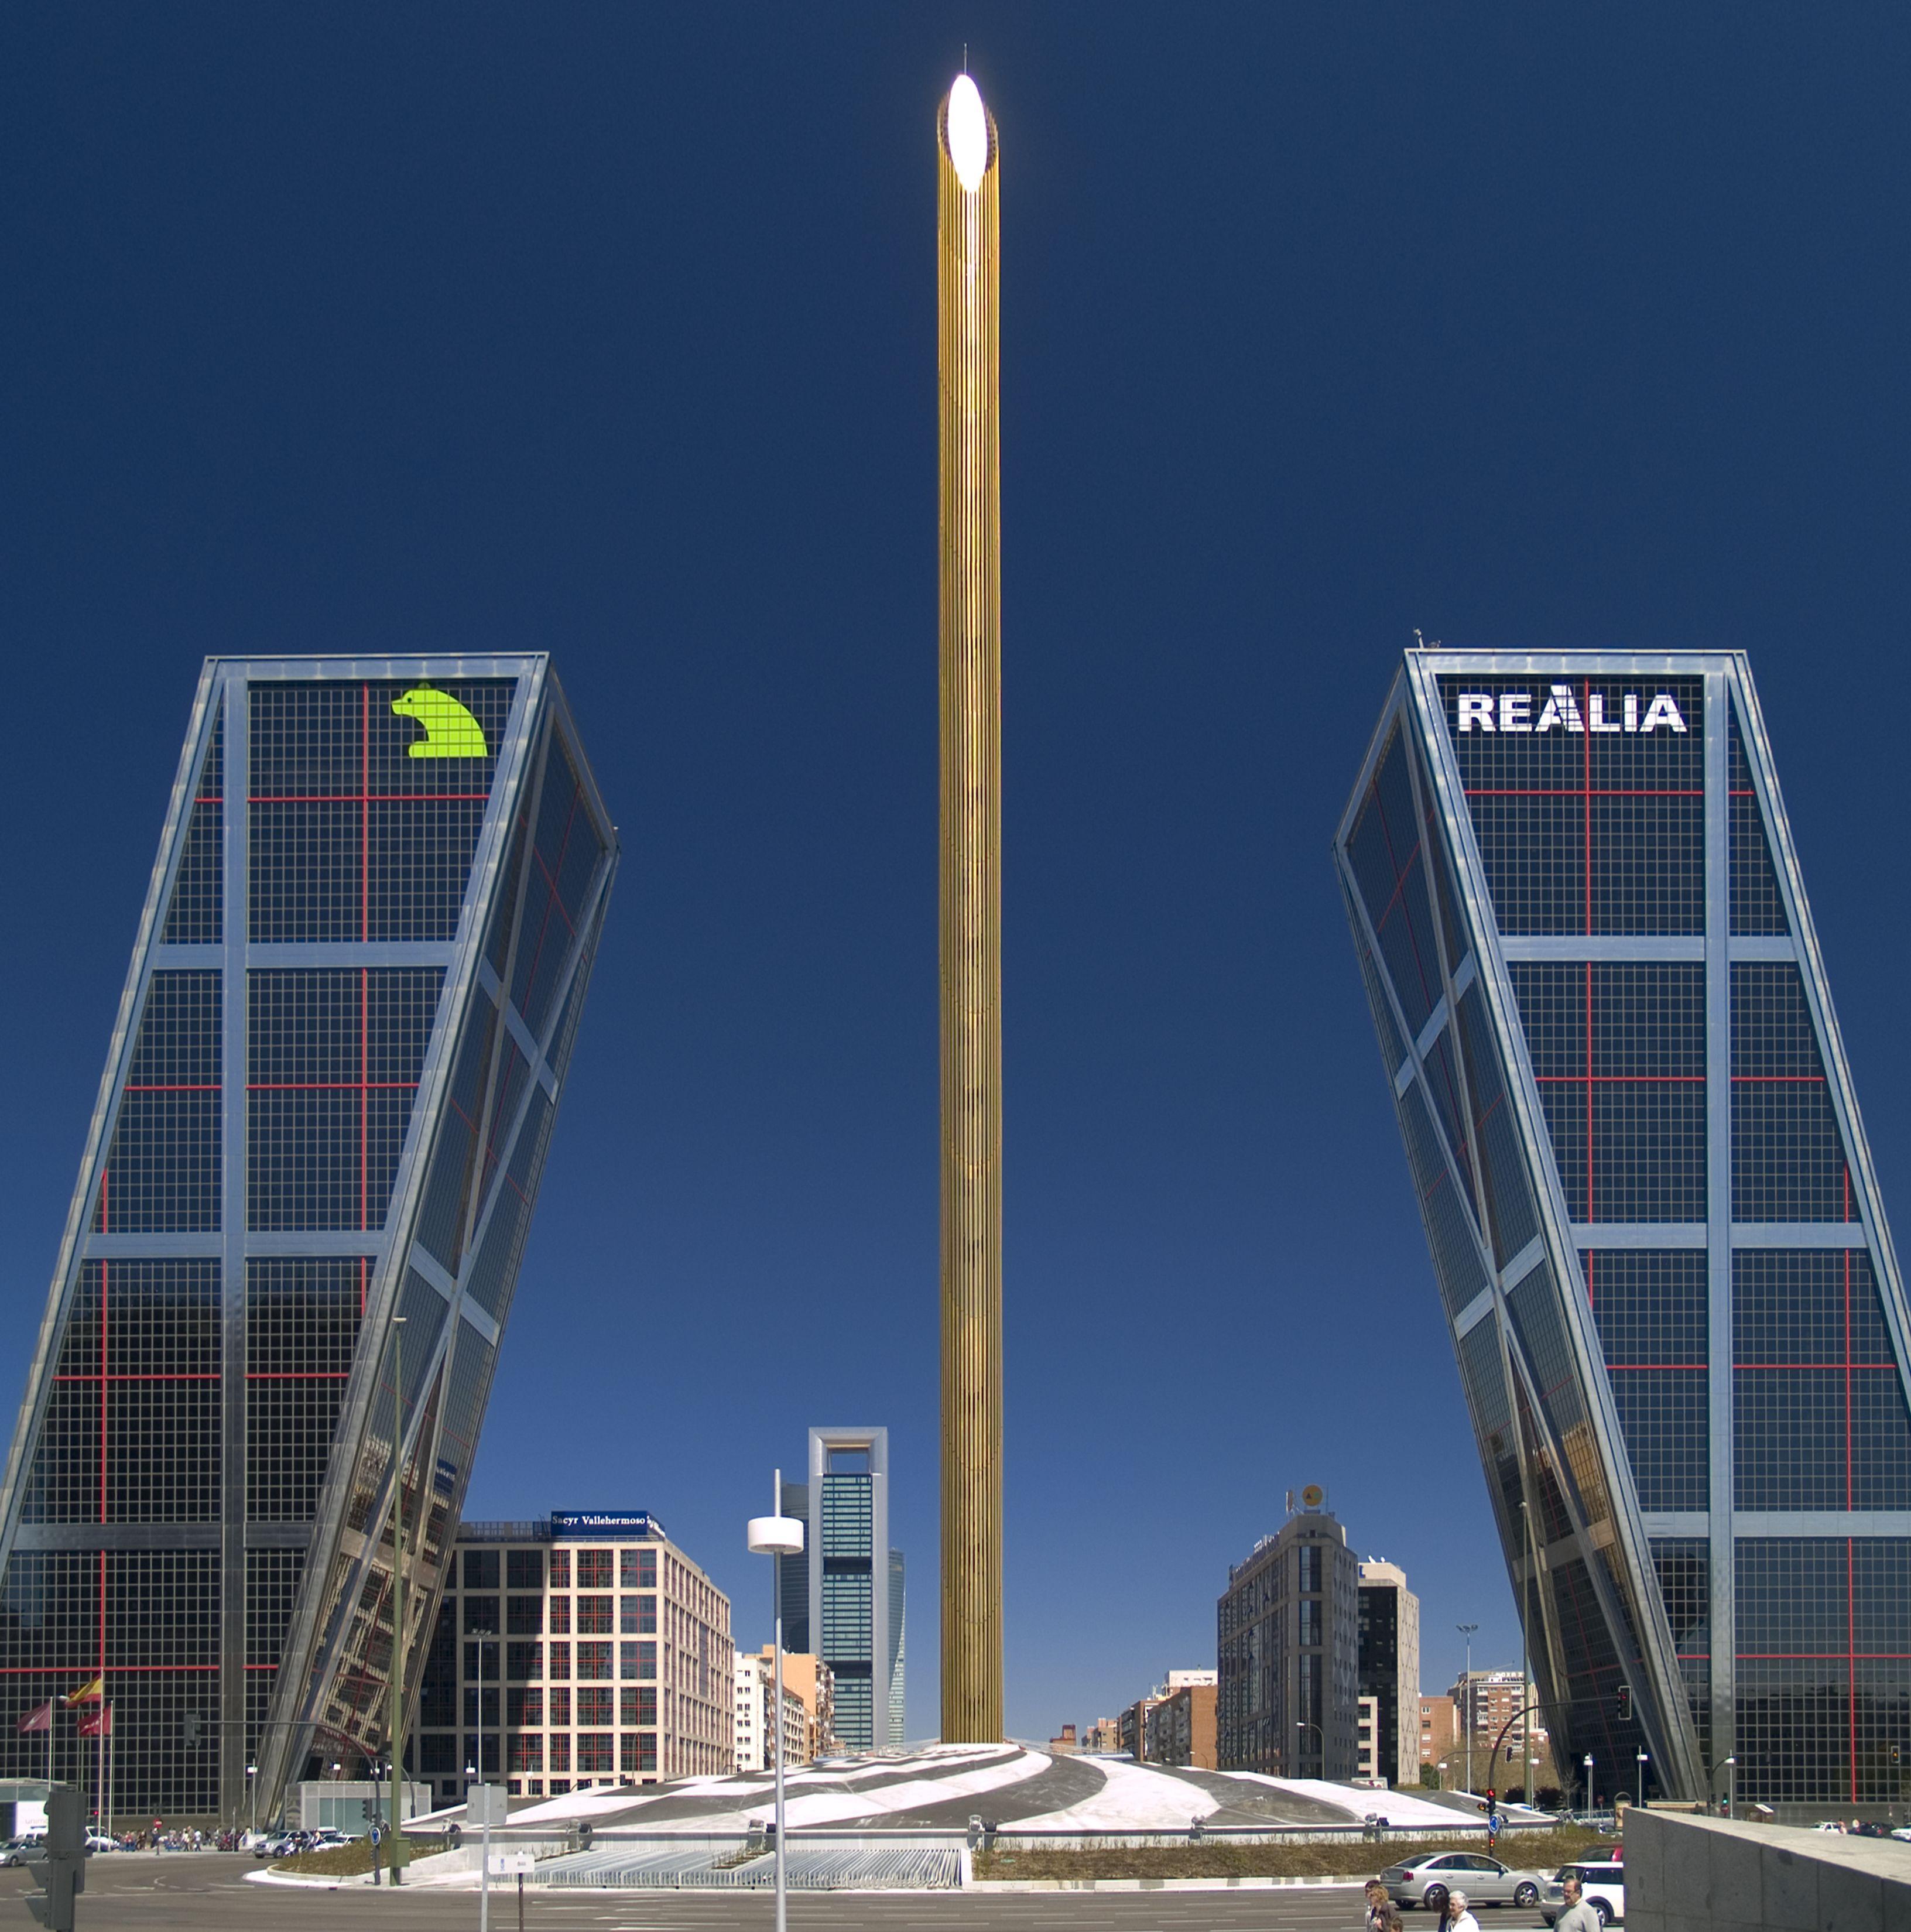 Puerta de europa madrid torres de la plaza castilla - Puerta europa almeria ...